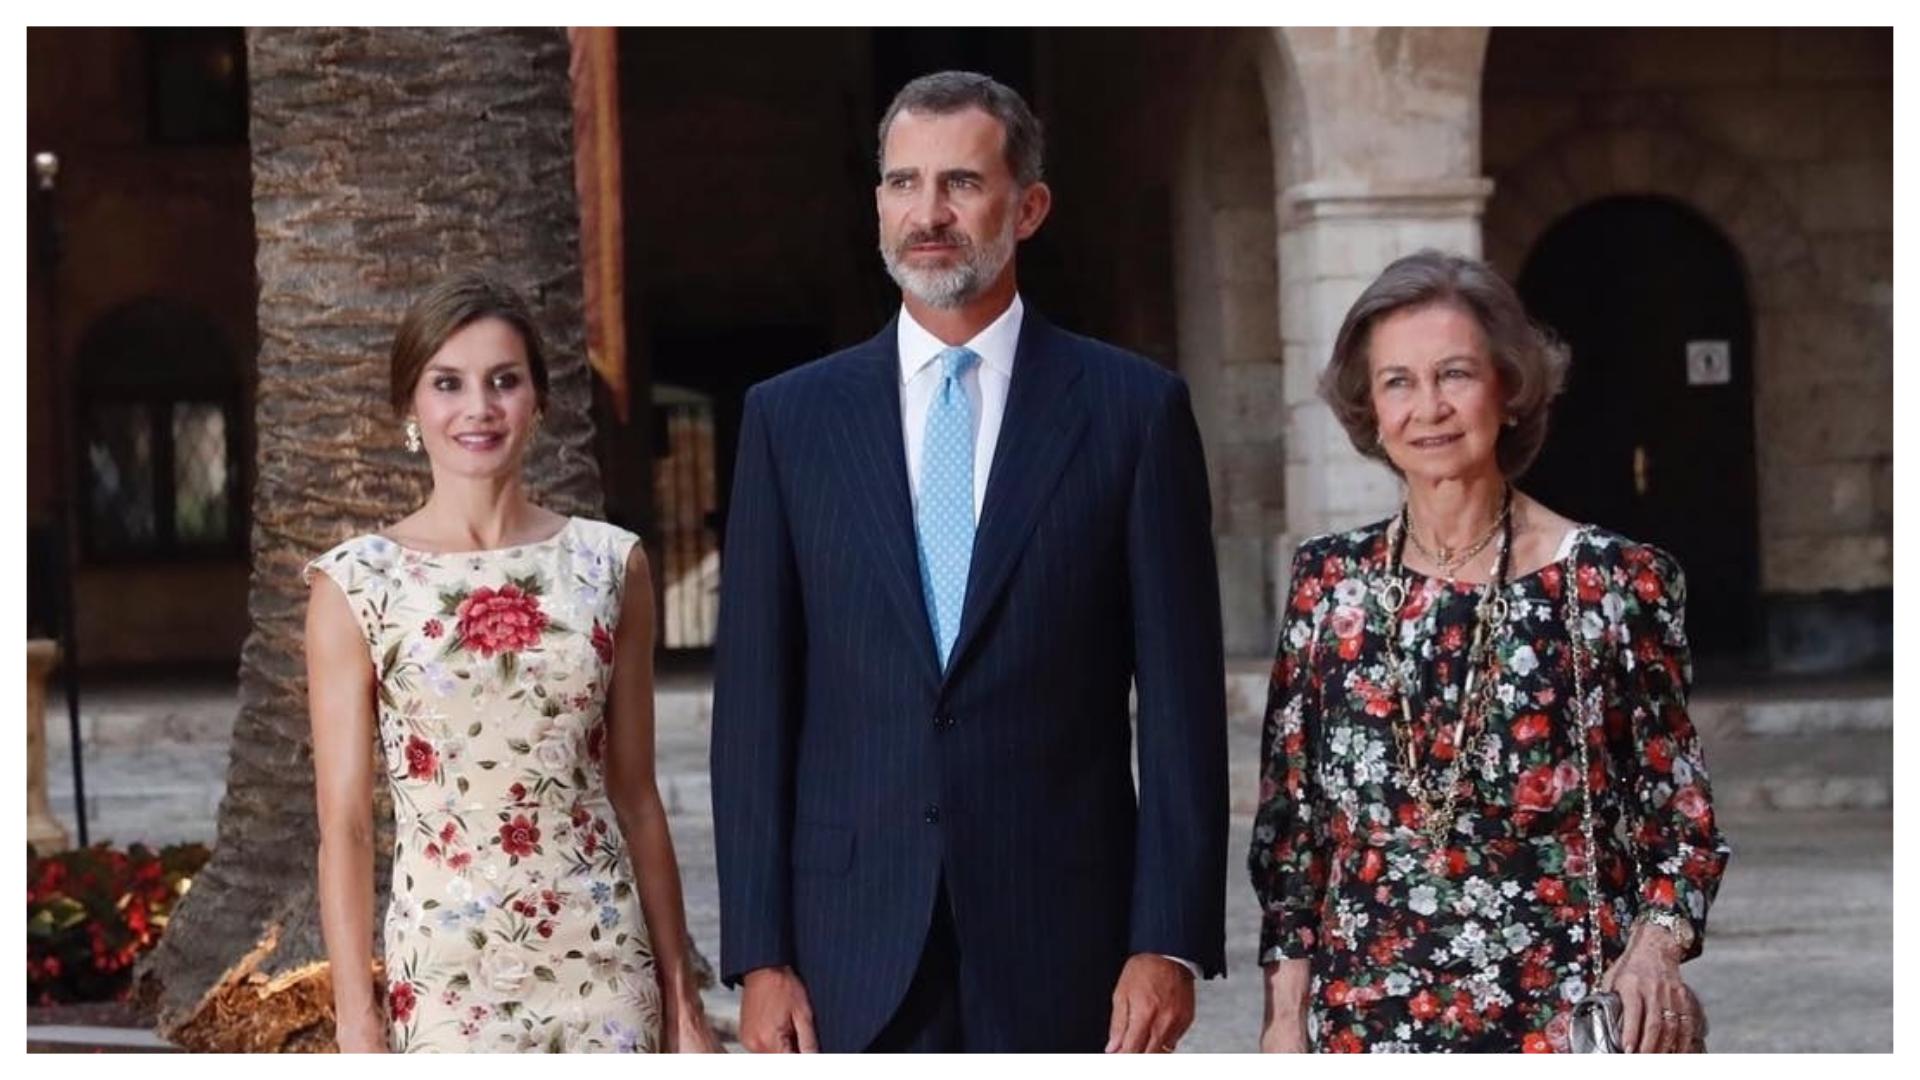 Letizia, Felipe y Sofía. (Foto Instagram)